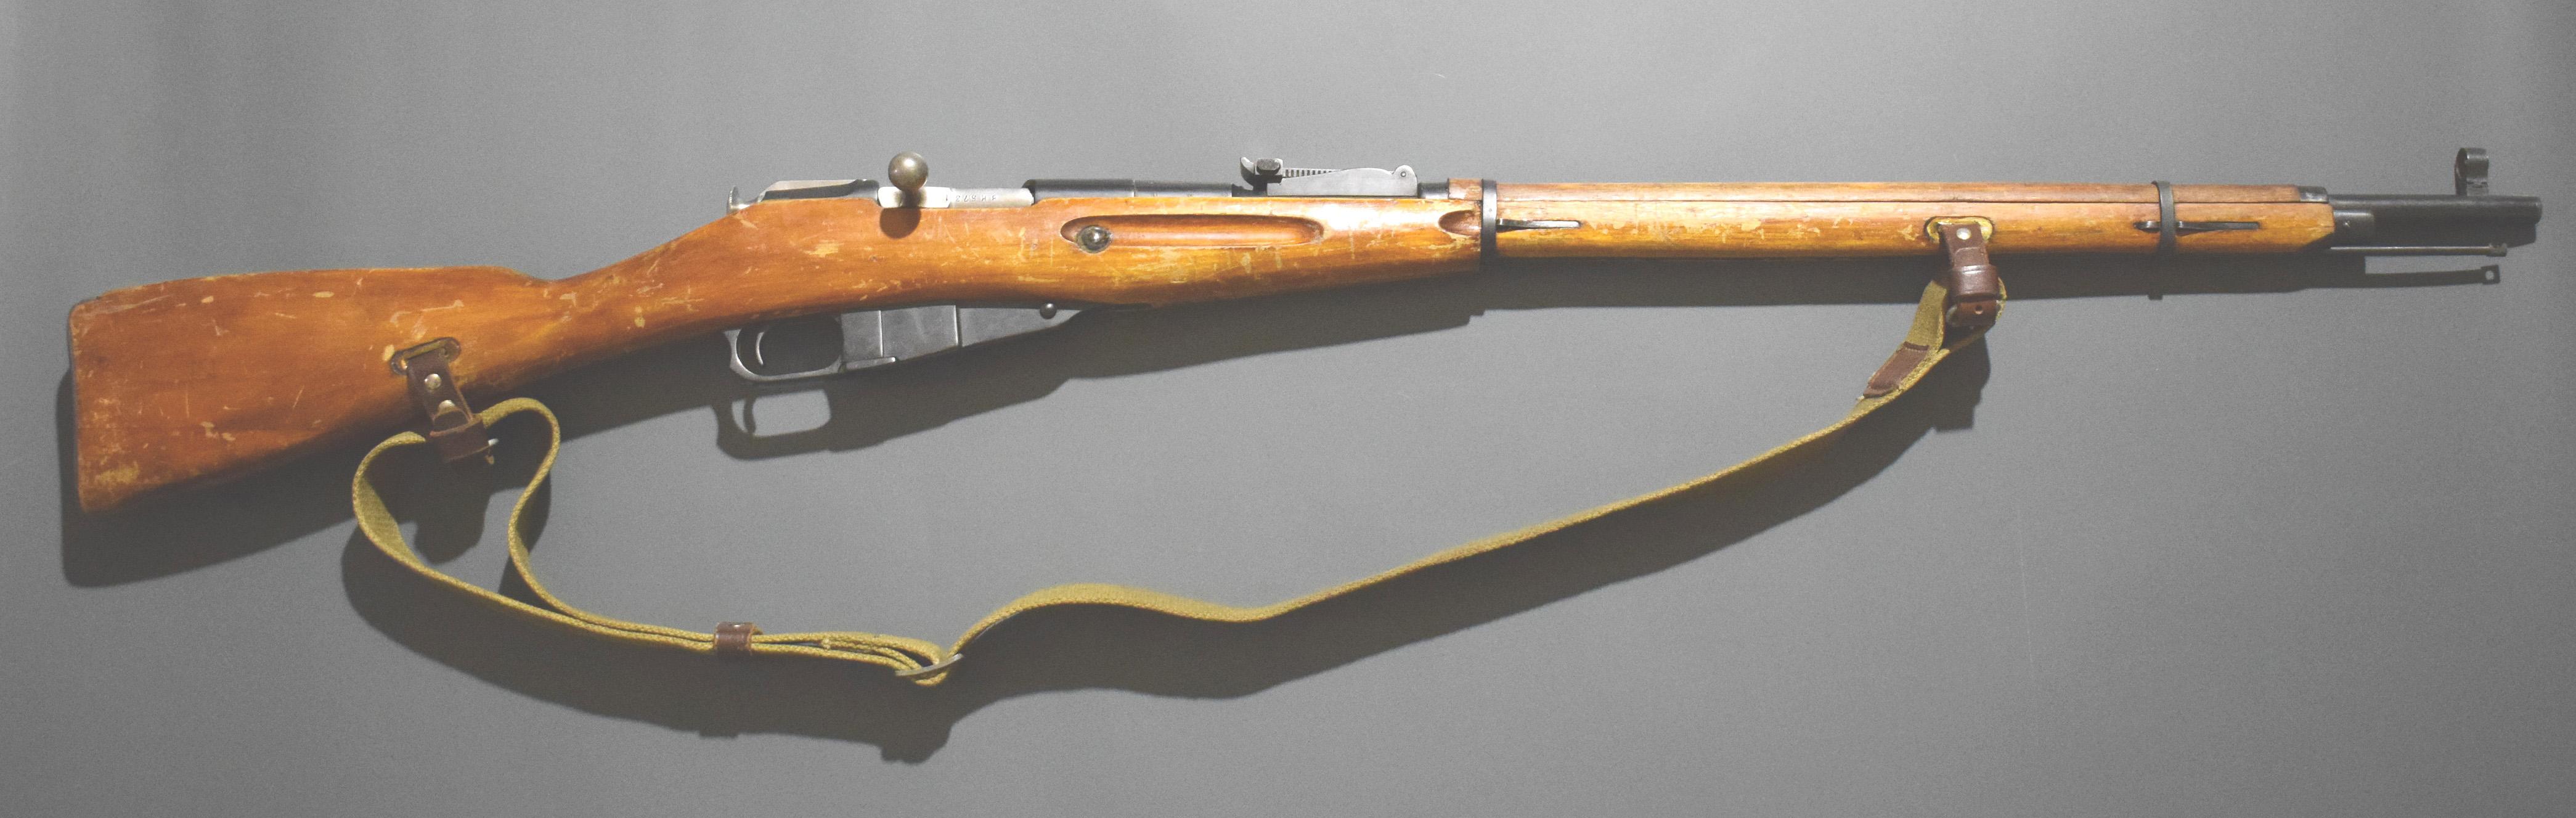 Гвинтівка Мосіна, калібру 7,62 мм, зразка 1891/30 рр.